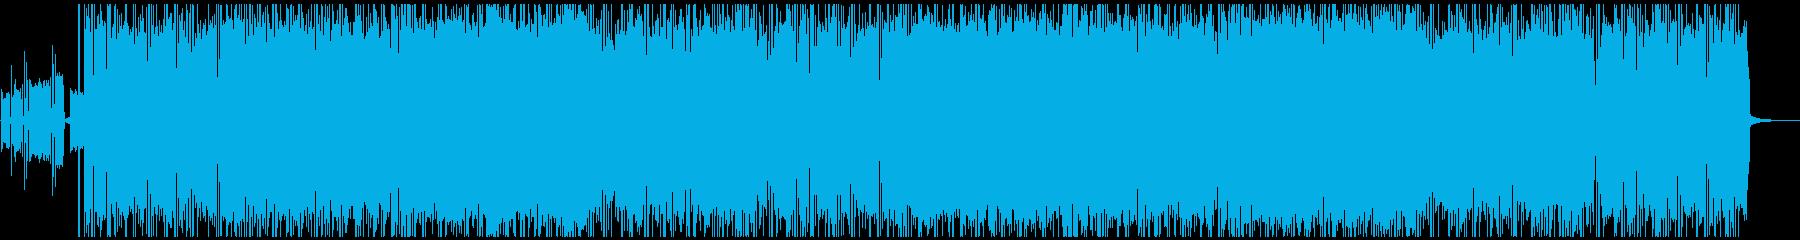 スロー/ミドルテンポのギターロックの再生済みの波形